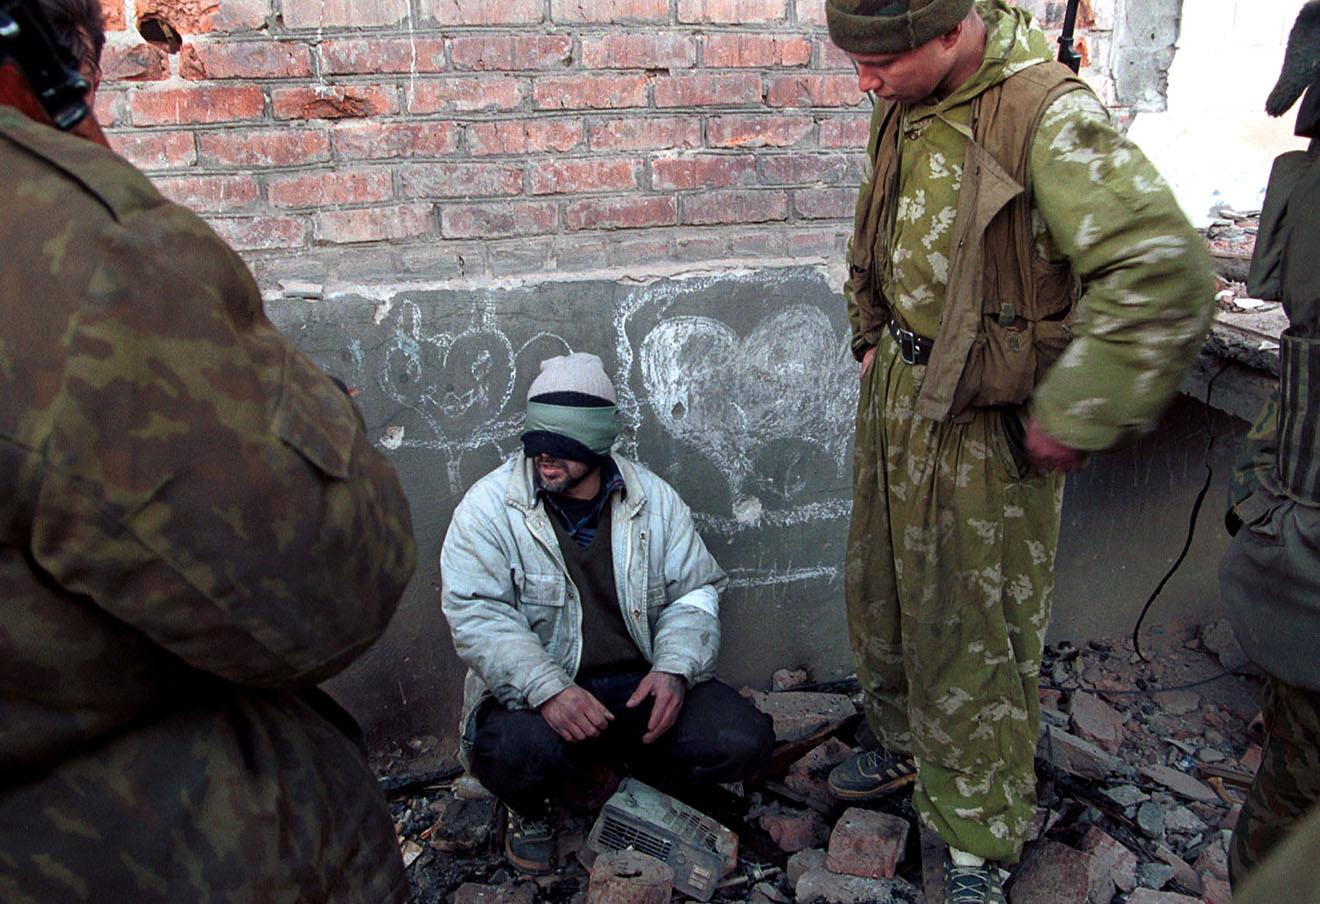 Пленник бойцов подразделений федеральных сил, вторая чеченская война, 2000 год.